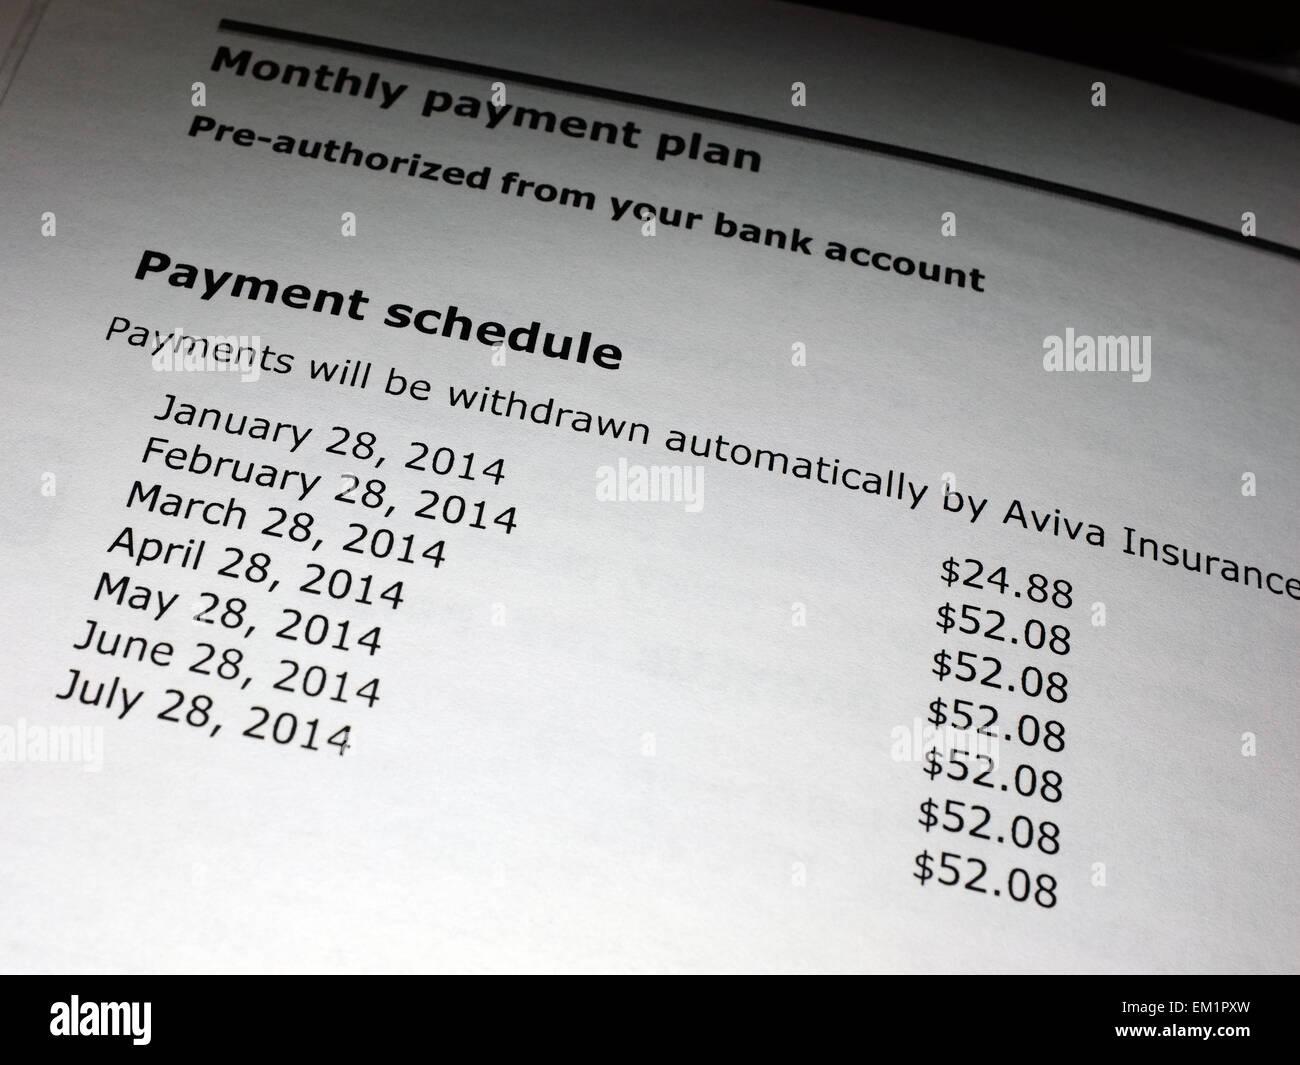 Fantastisch Monatliche Zahlungsplanvorlage Galerie - Beispiel ...